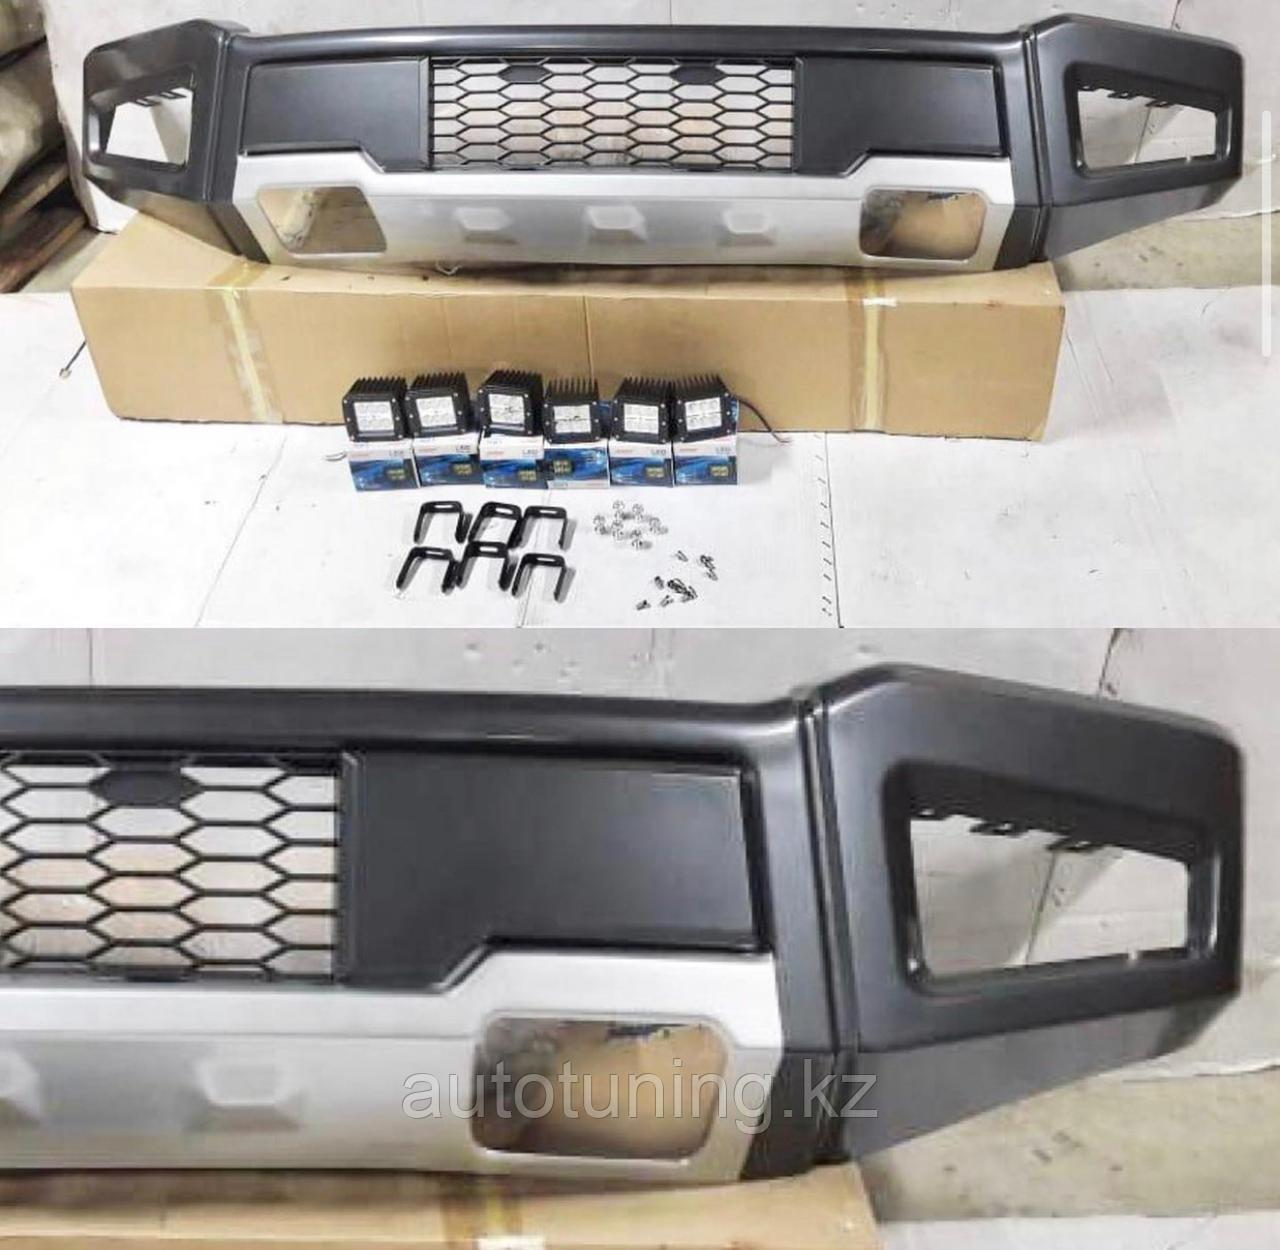 Бампер передний дизайн RAPTOR на FORD F150 2015-2020